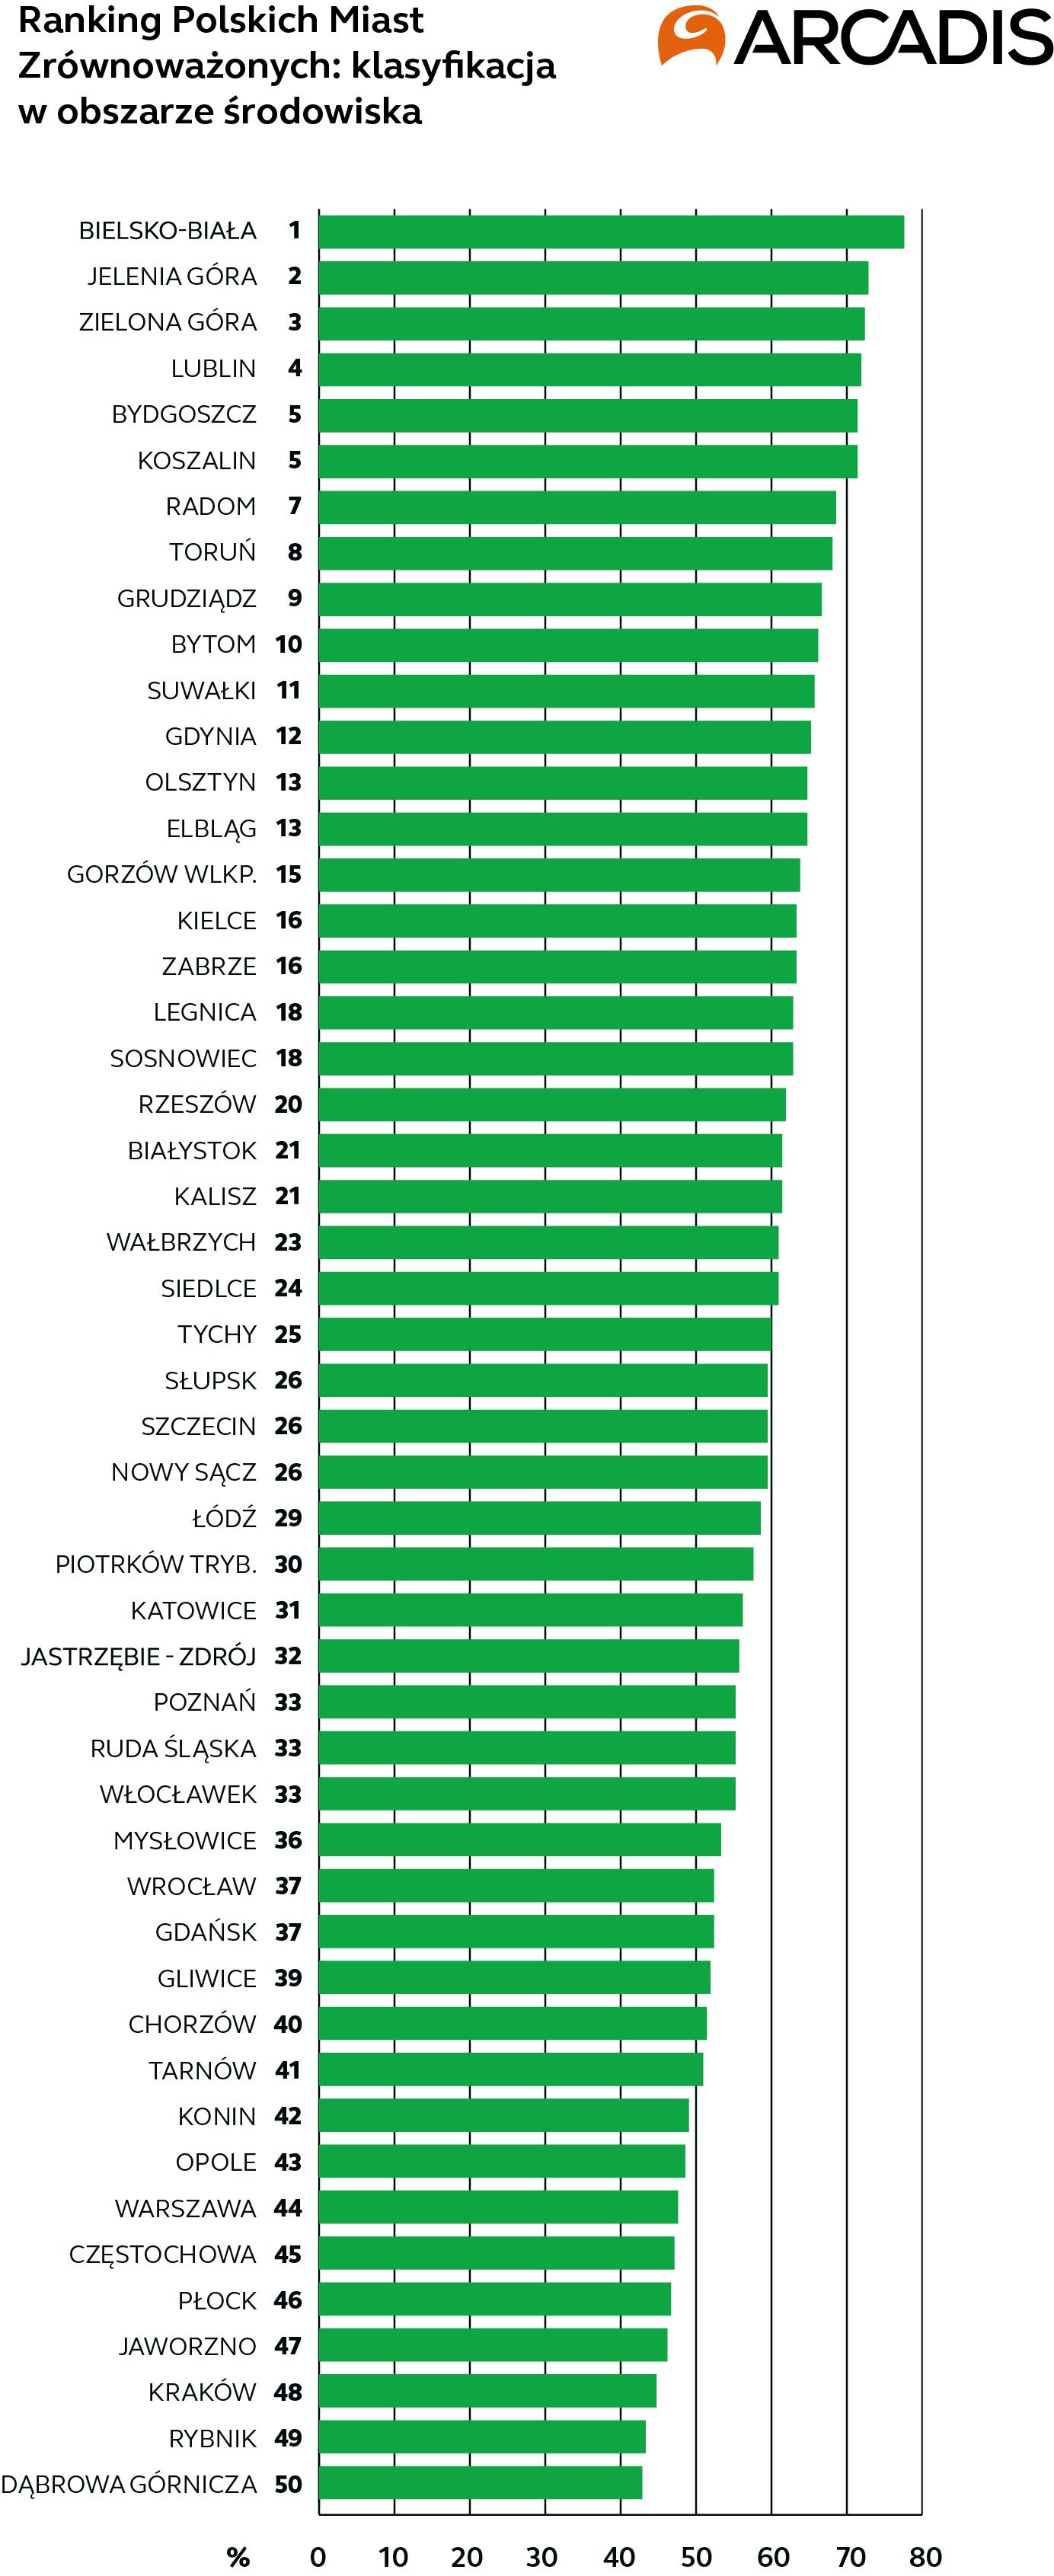 Ranking Polskich Miast Zrównoważonych Arcadis - Środowisko